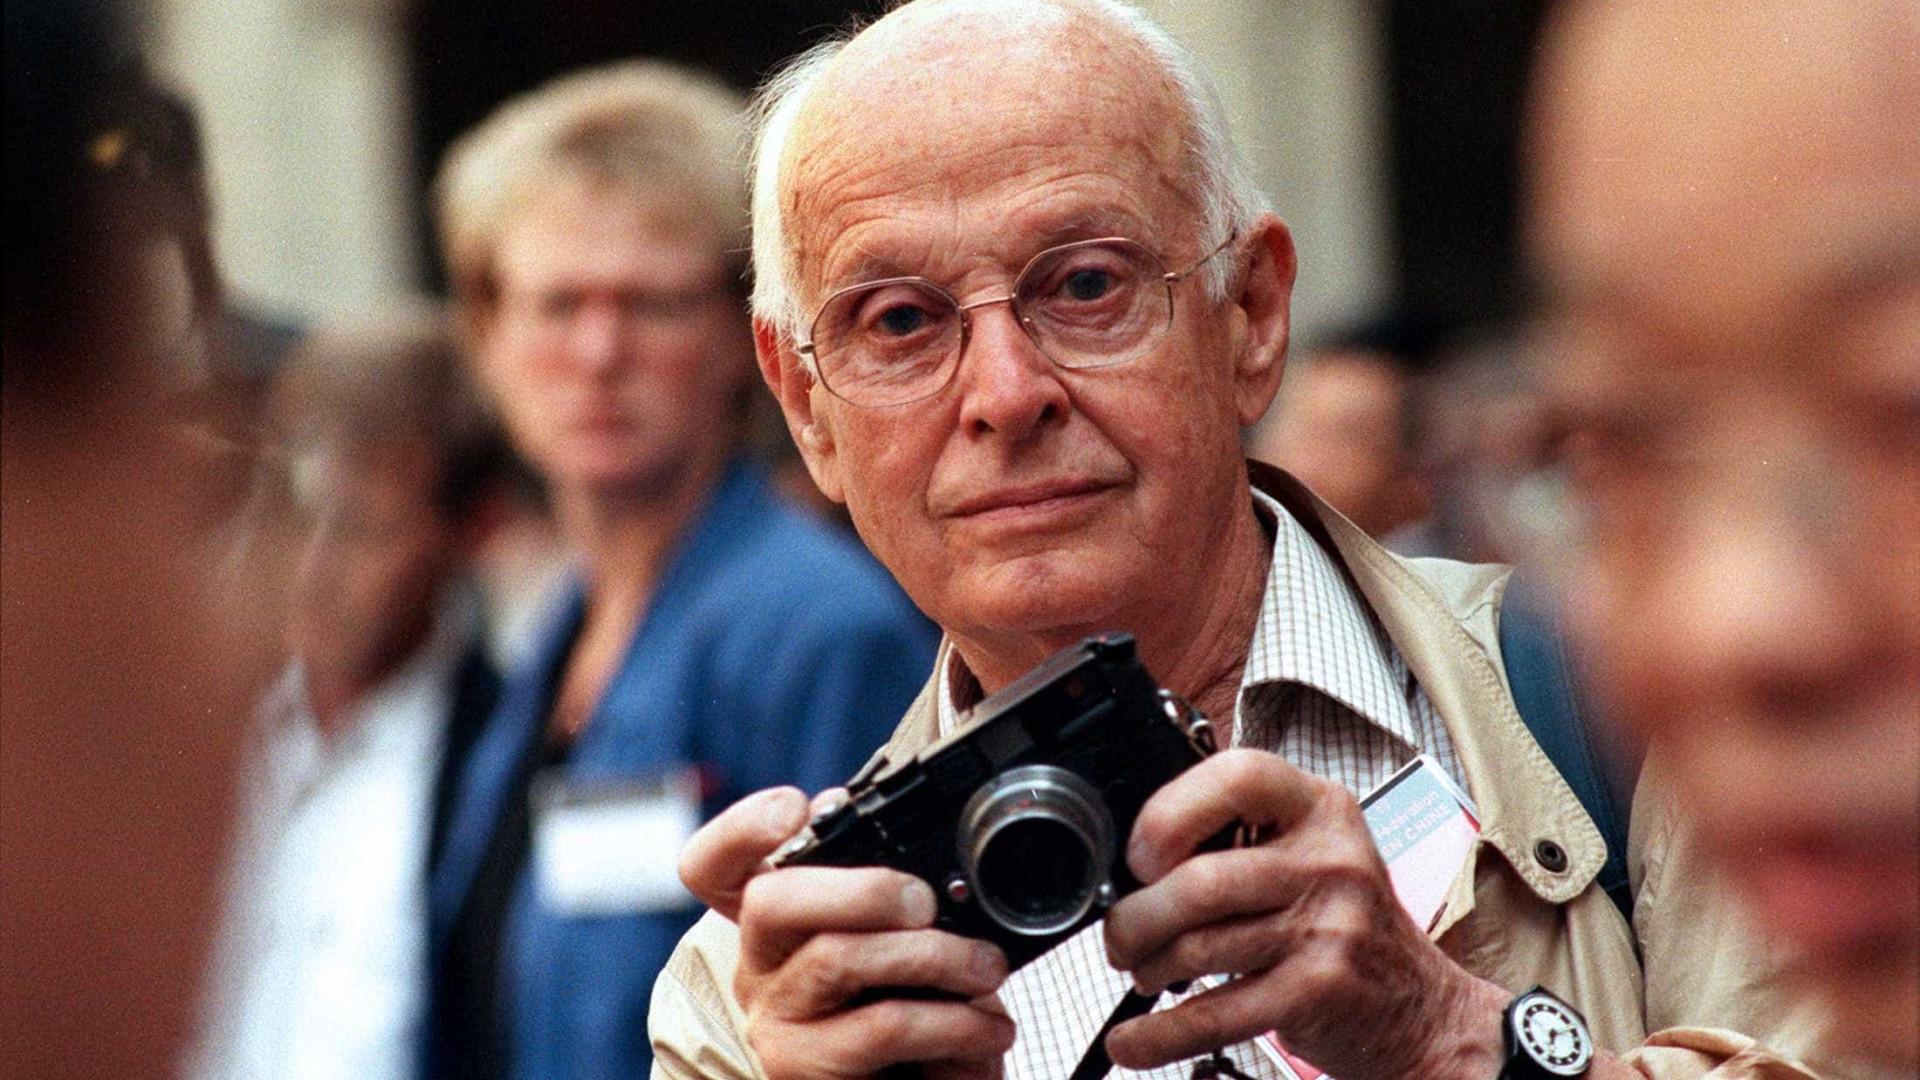 Primeiras fotografias de Cartier-Bresson em mostra